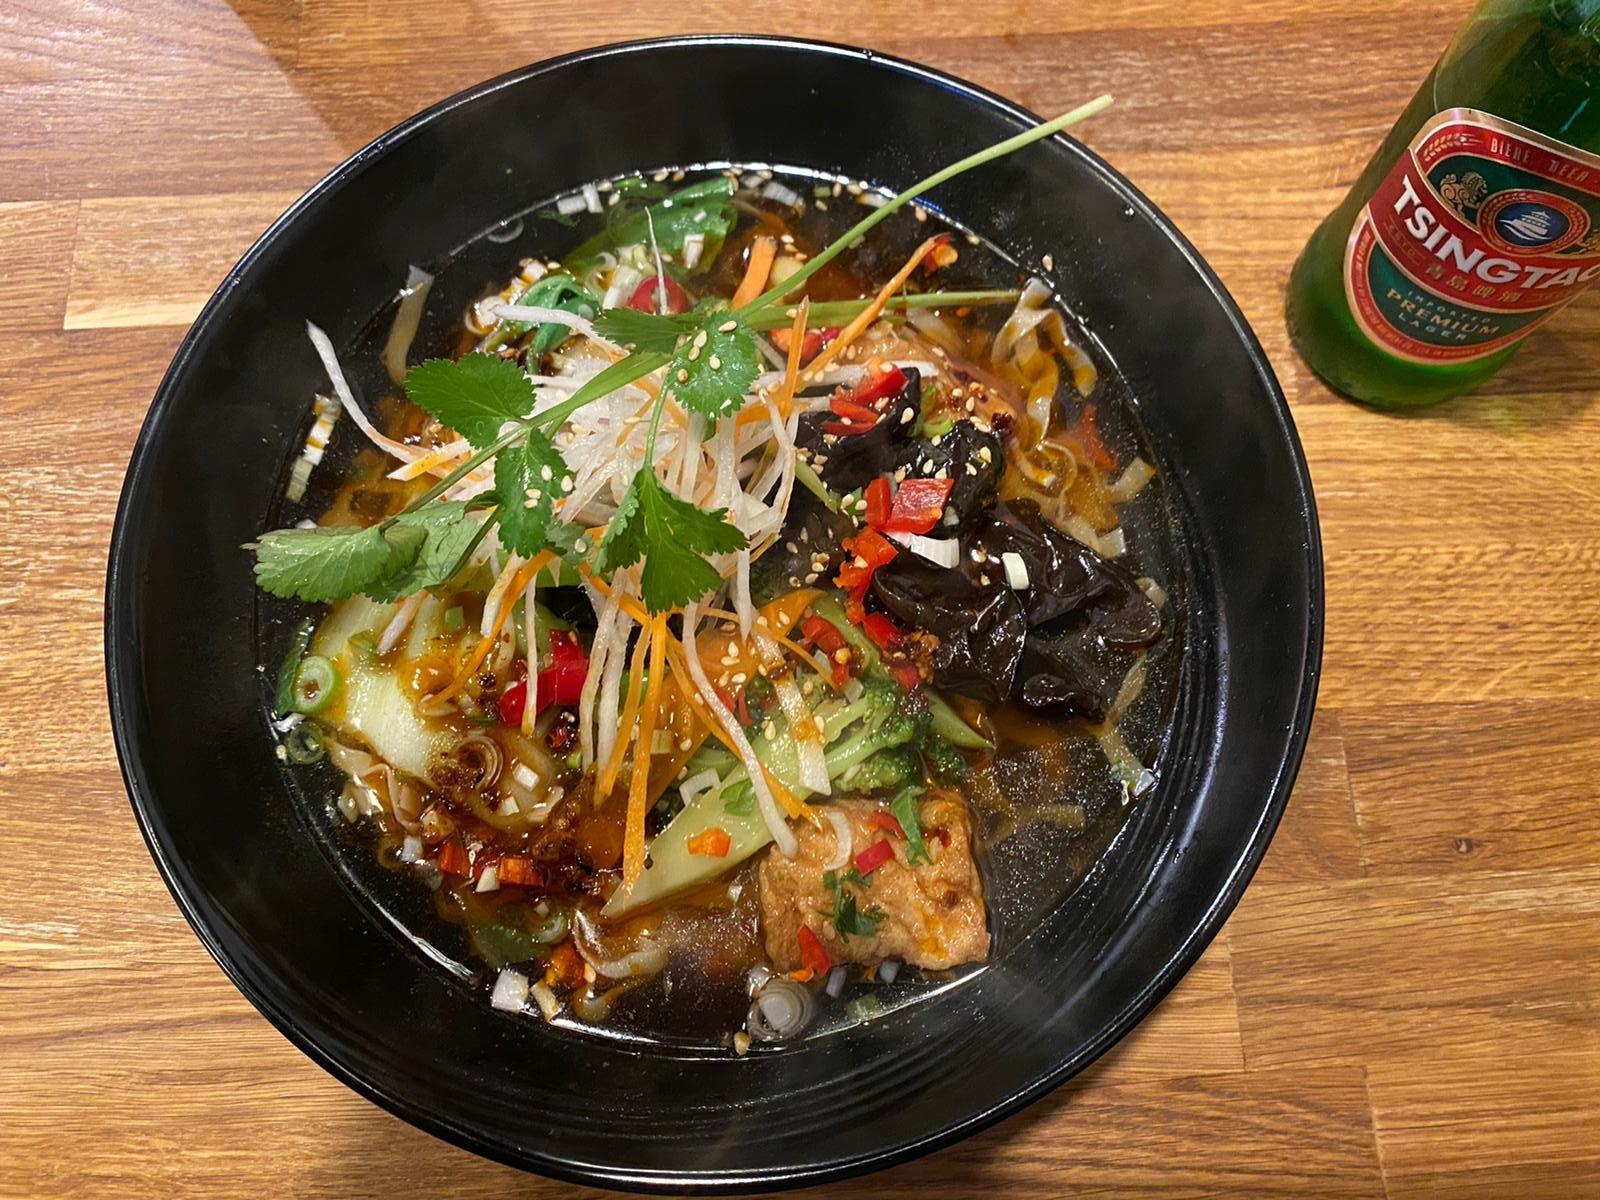 A noodle soup at Bath Noodle